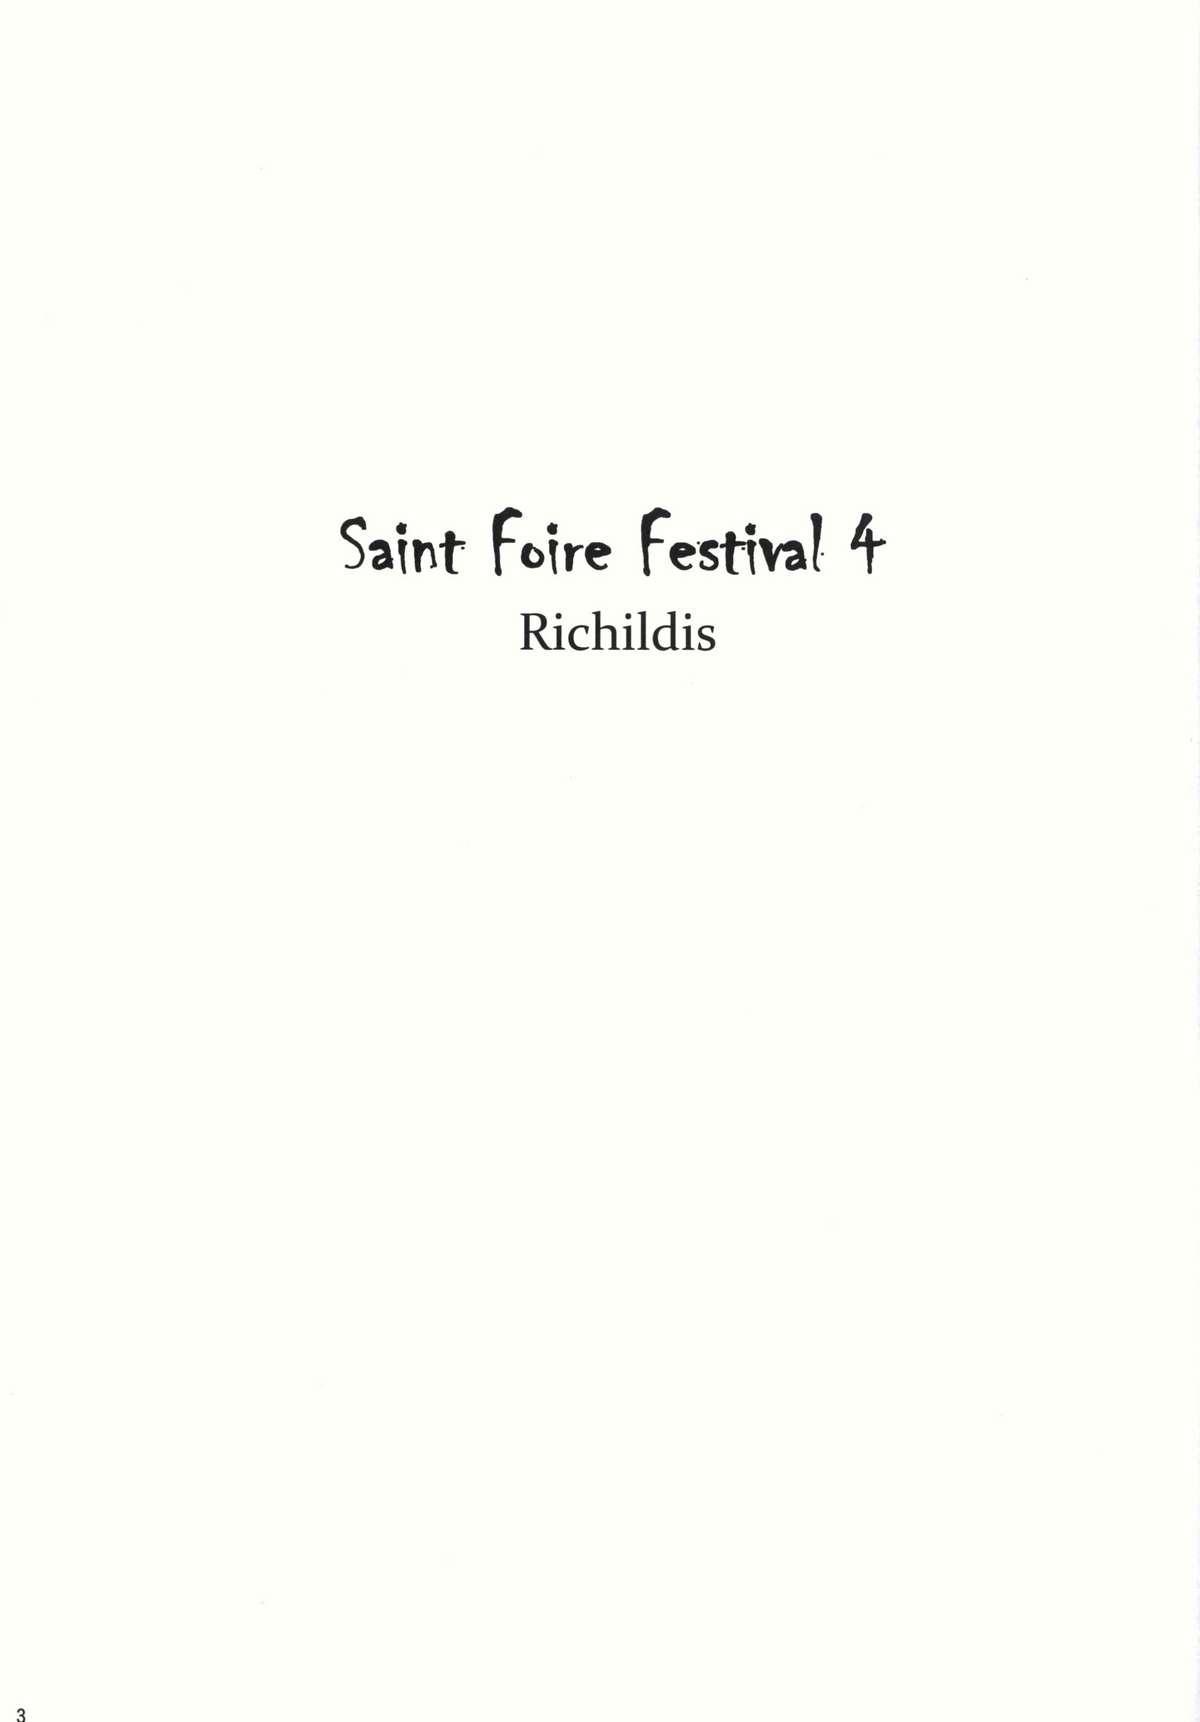 Saint Foire Festival 4 2